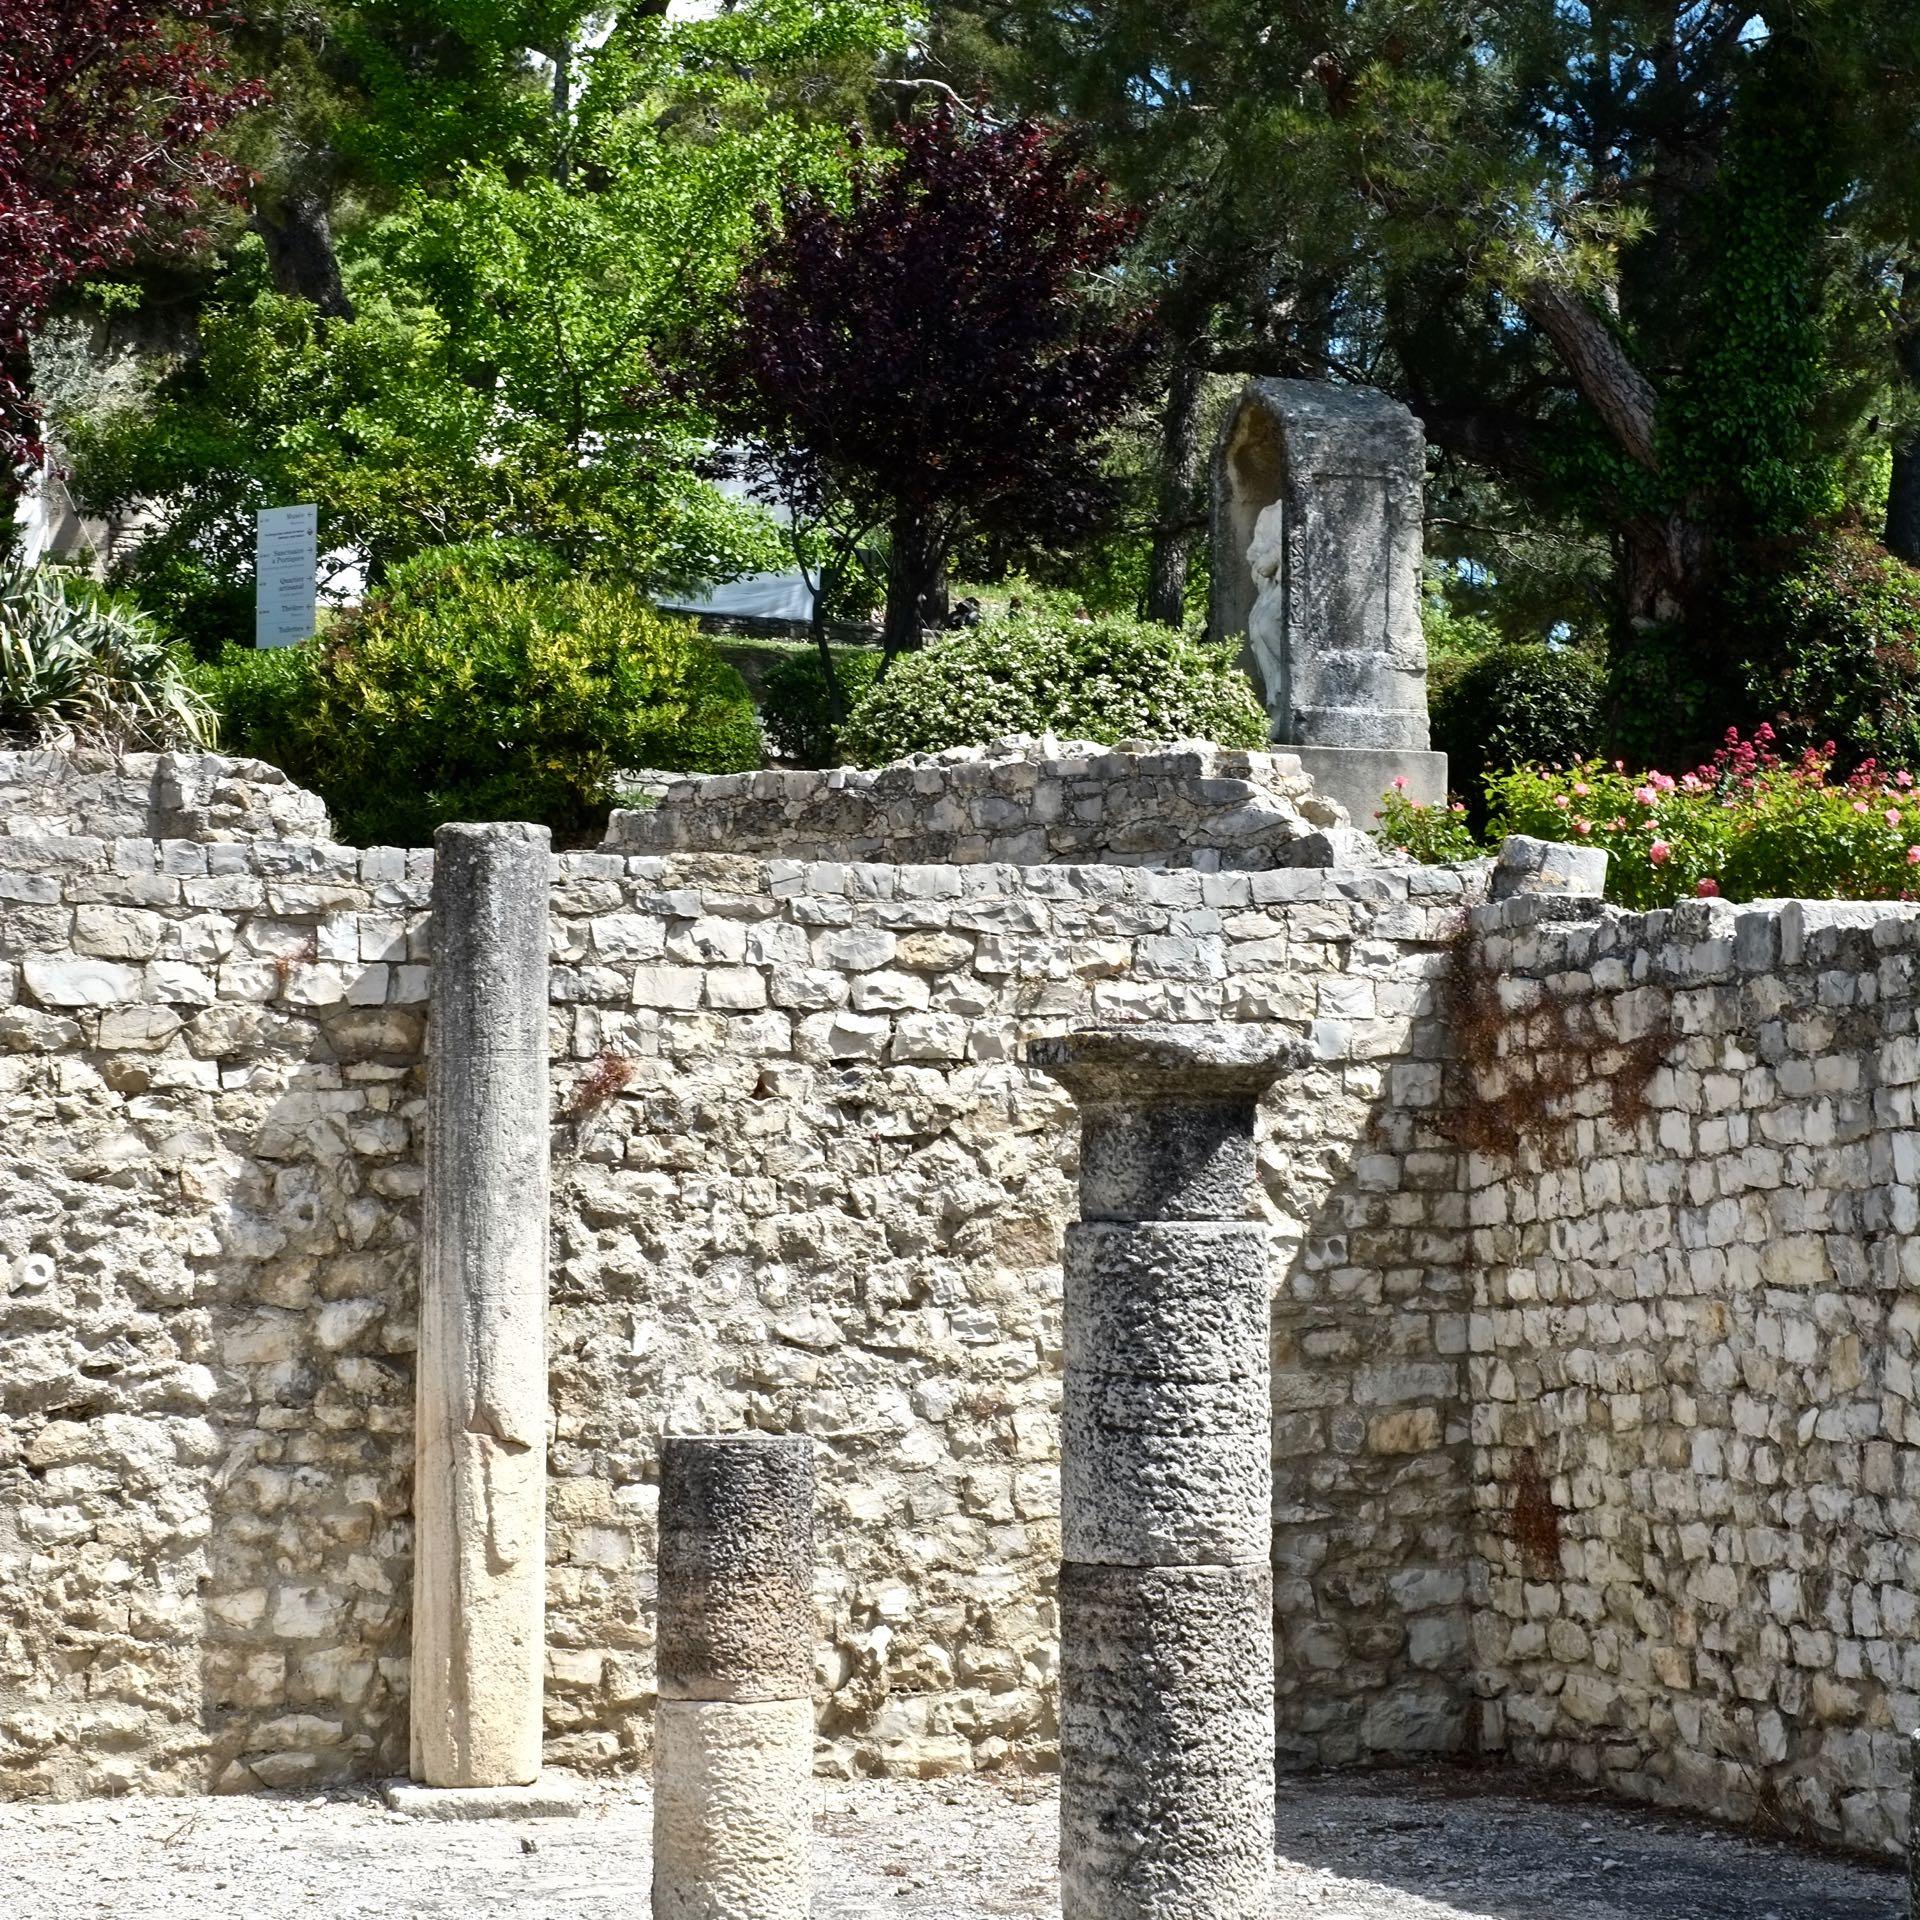 Ancient Roman remains